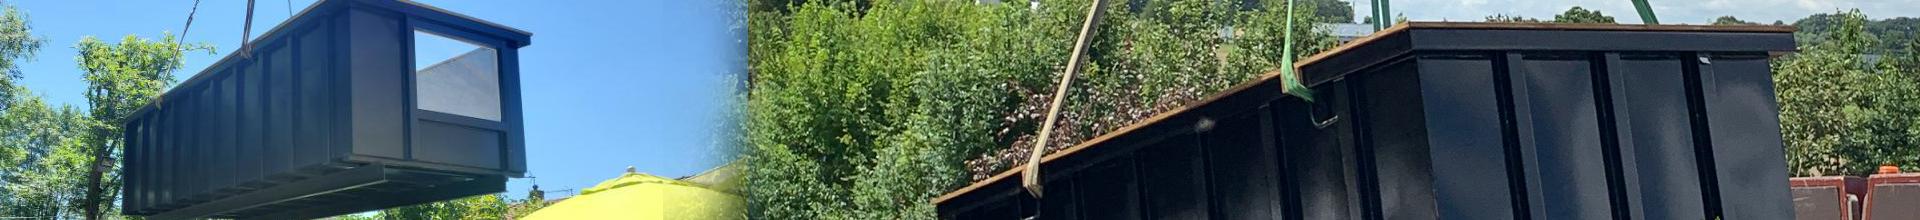 Luxembourg conception container piscine sur mesure Esch-sur-Alzette